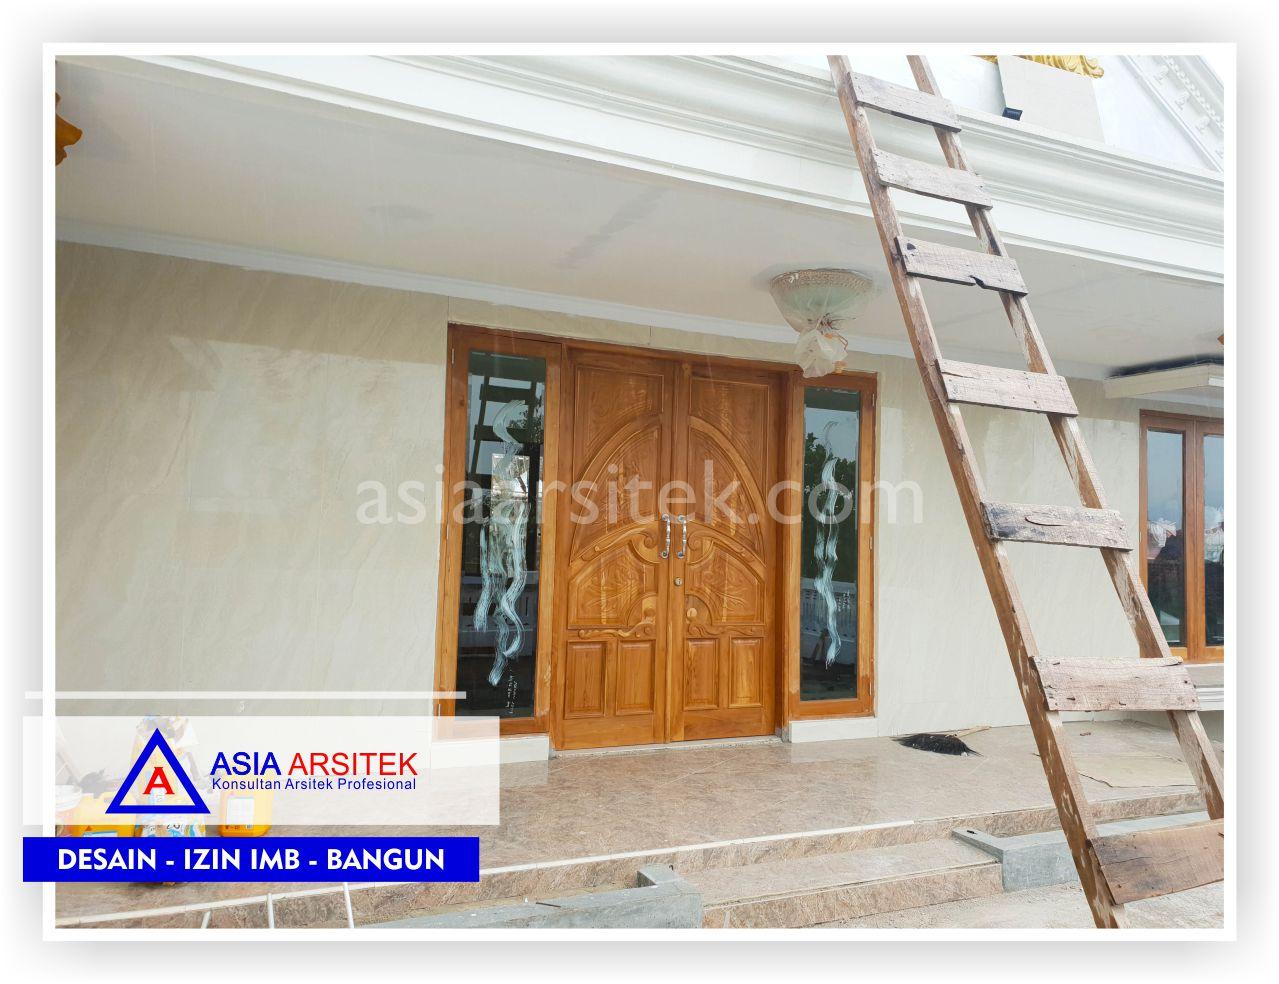 Pintu Balkon Rumah Klasik Mewah Bu Iis - Arsitek Desain Rumah Minimalis Modern Di Bandung-Tangerang-Bogor-Bekasi-Jakarta-Jasa Konsultan Desain Arsitek Profesional